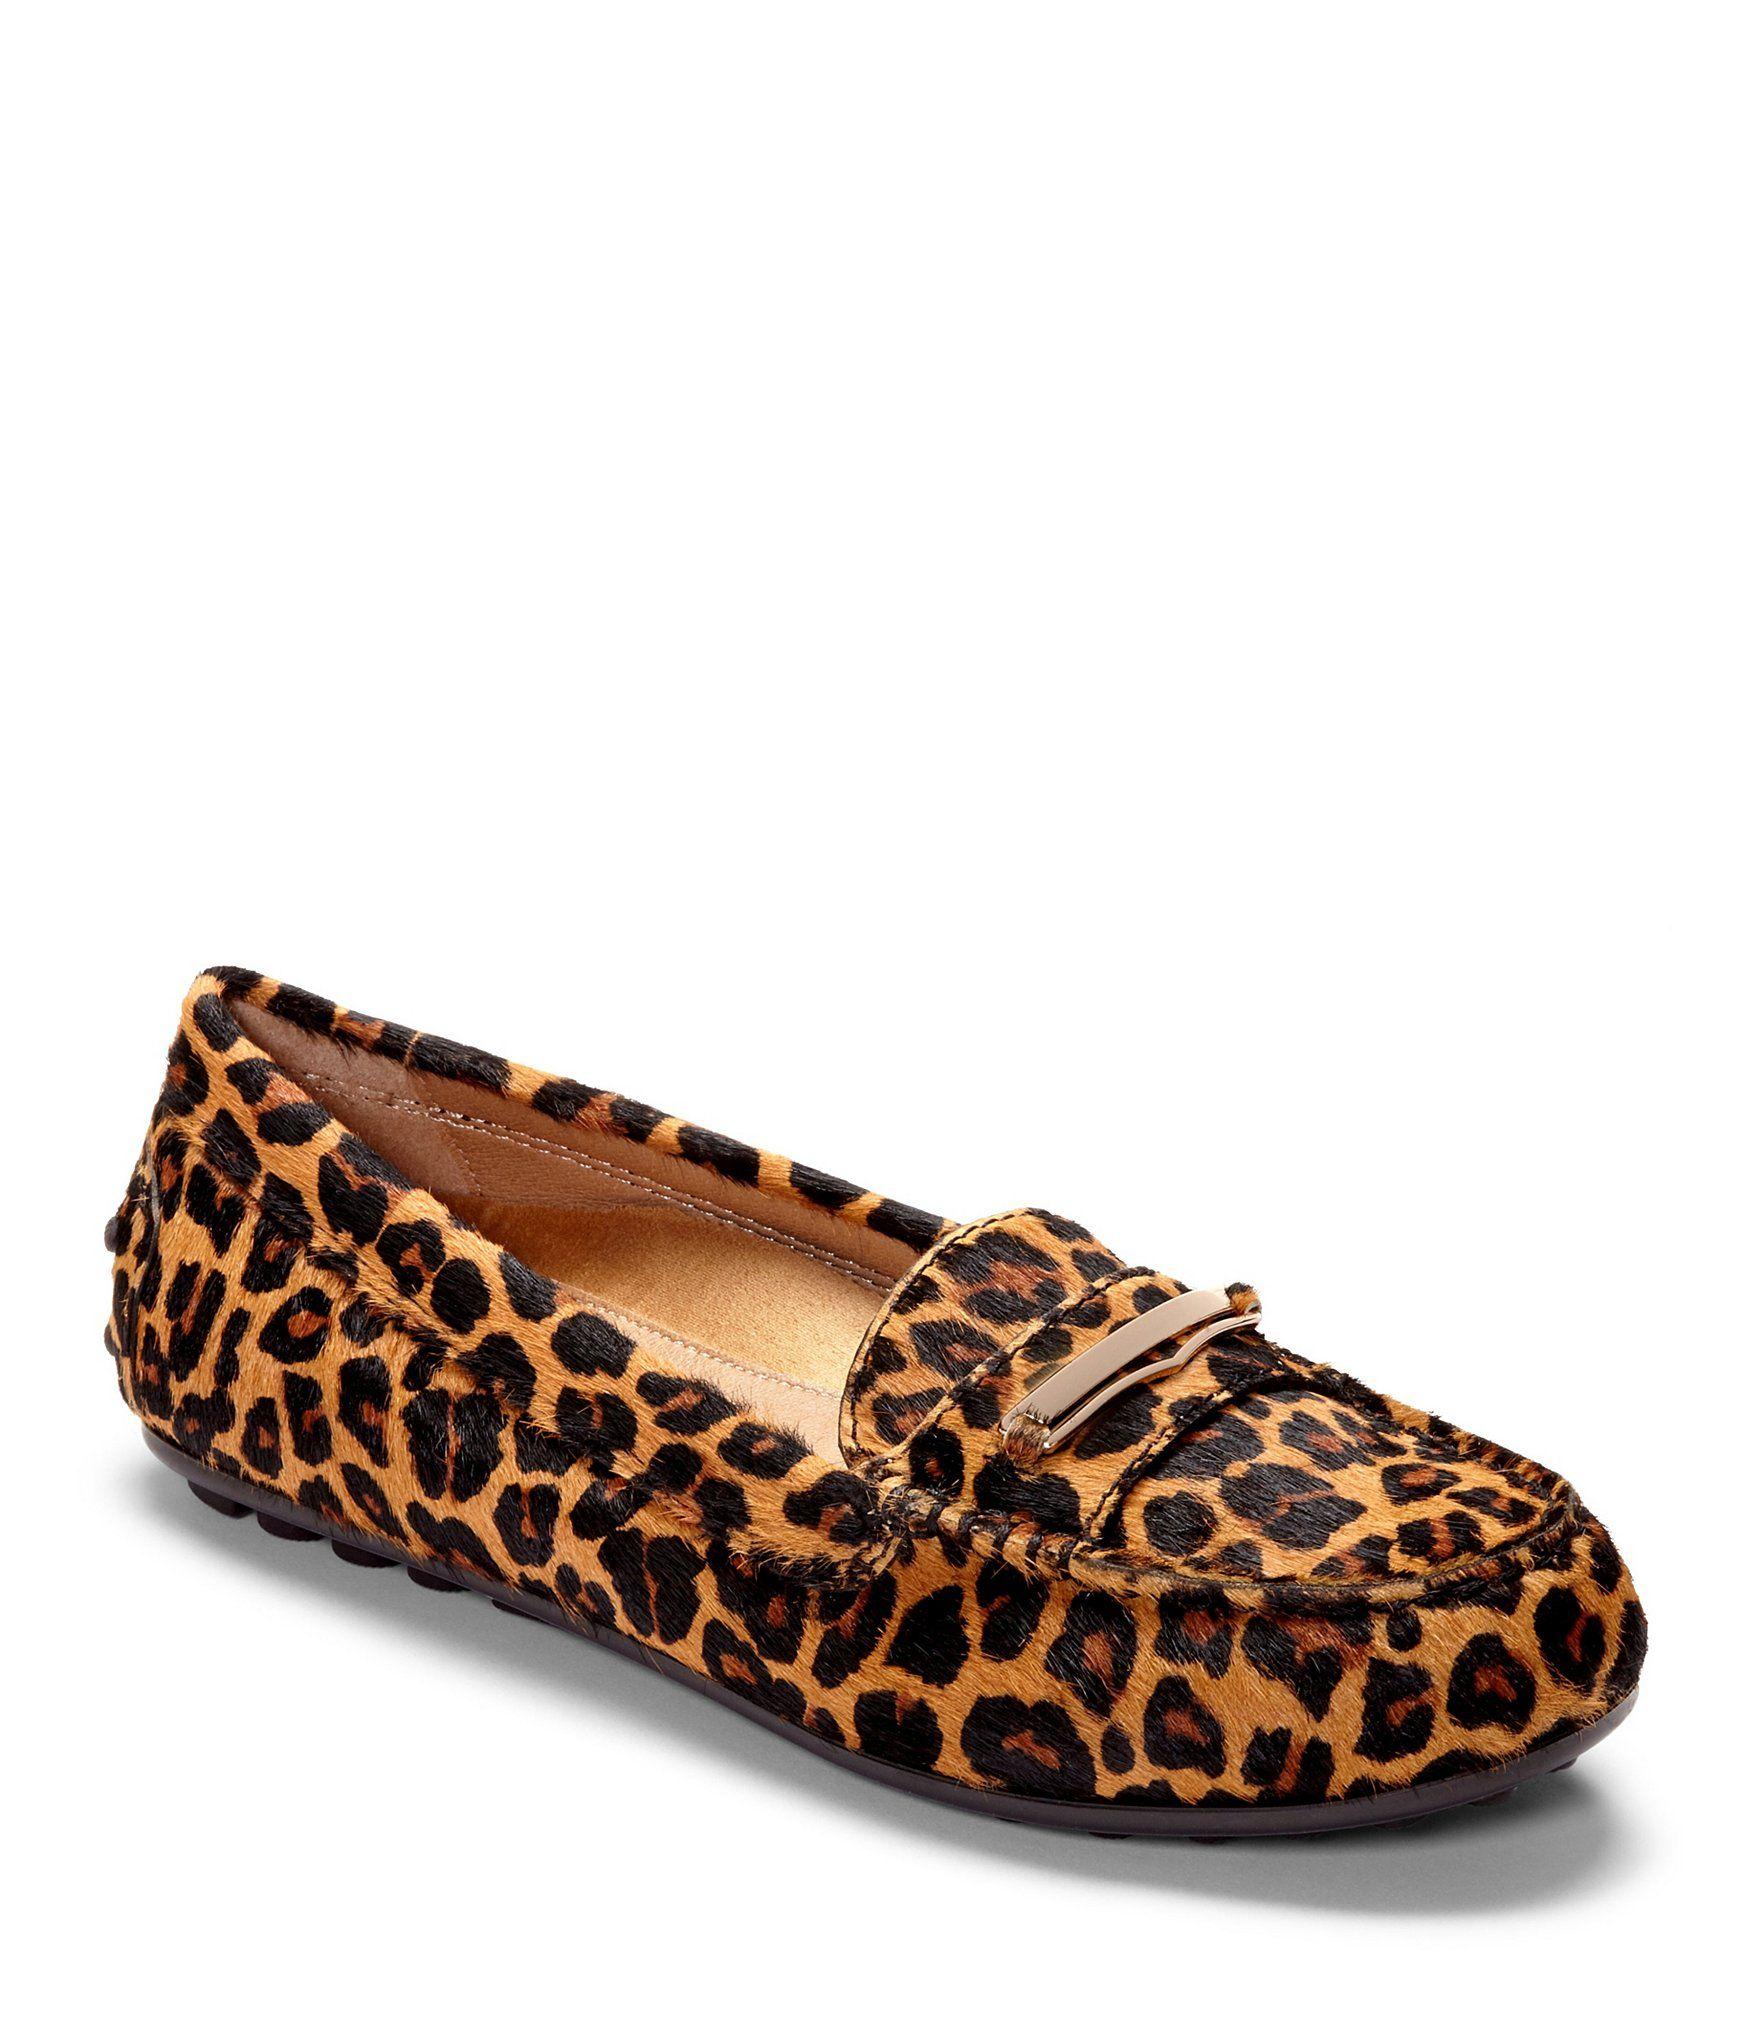 Ashby Leopard Calf Hair Loafers aG00B8aGU